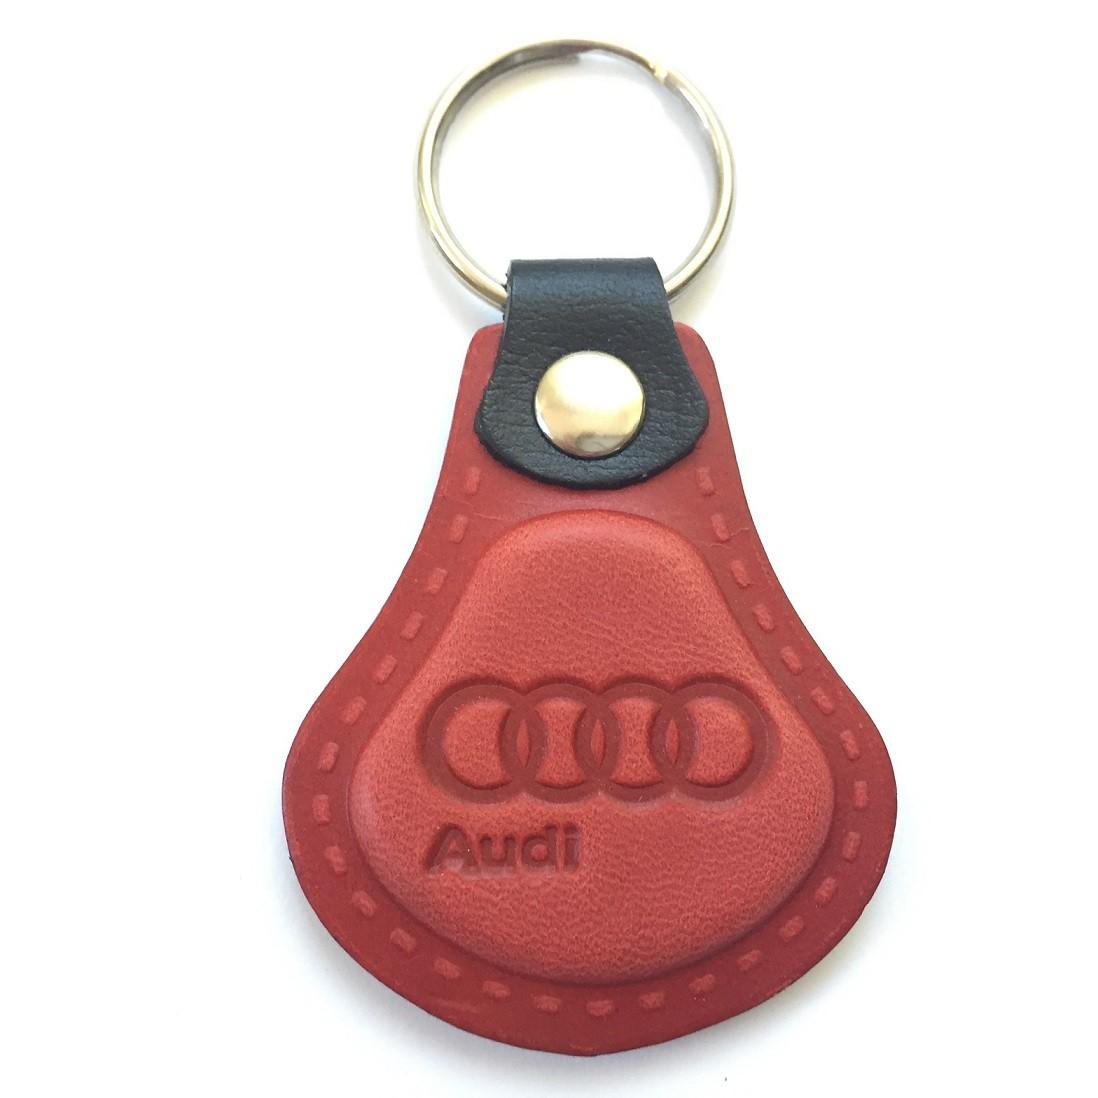 Kožená kľúčenka Audi červená - MDK auto 7cb4a8e83ad